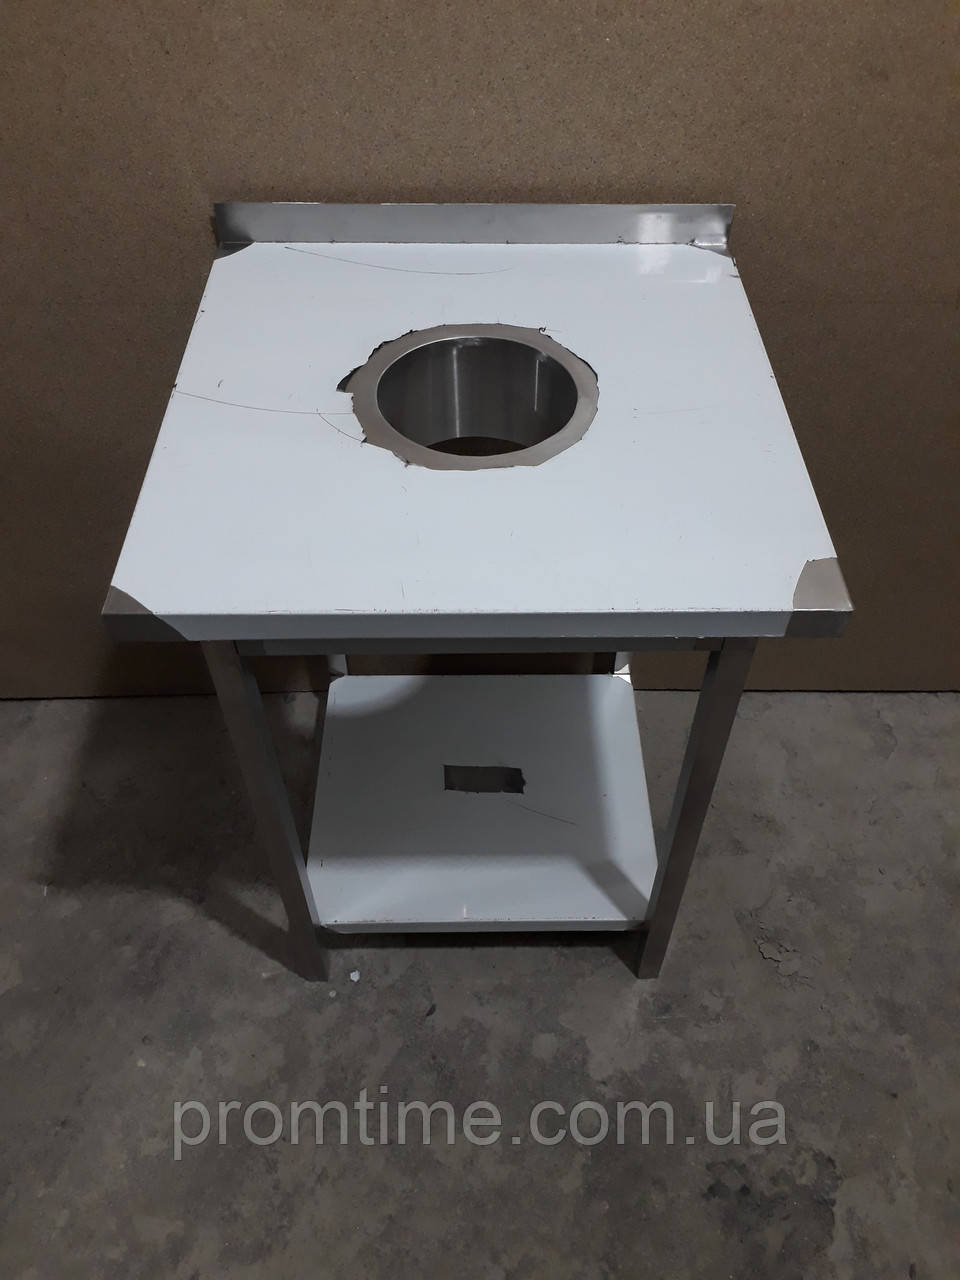 Стол для сбора отходов из нержавеющей стали 600х600х850